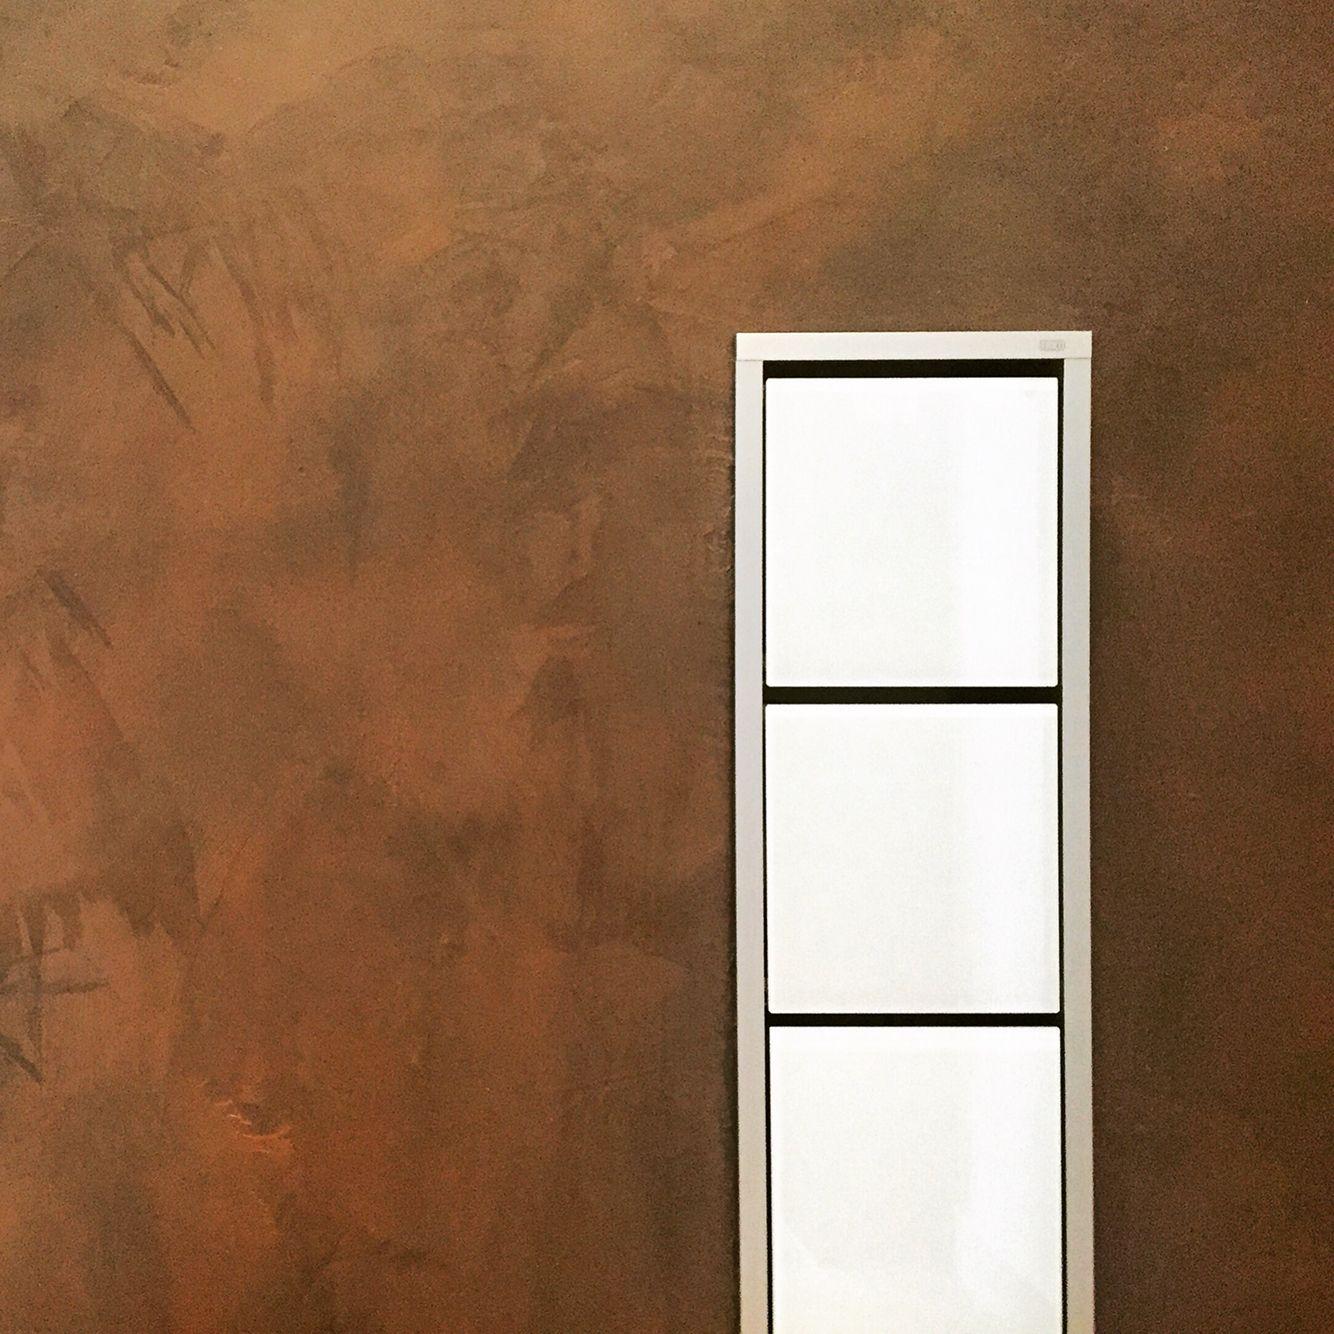 Rost Kupfer Fugenlos Schoner Wohnen Wandgestaltung Wand